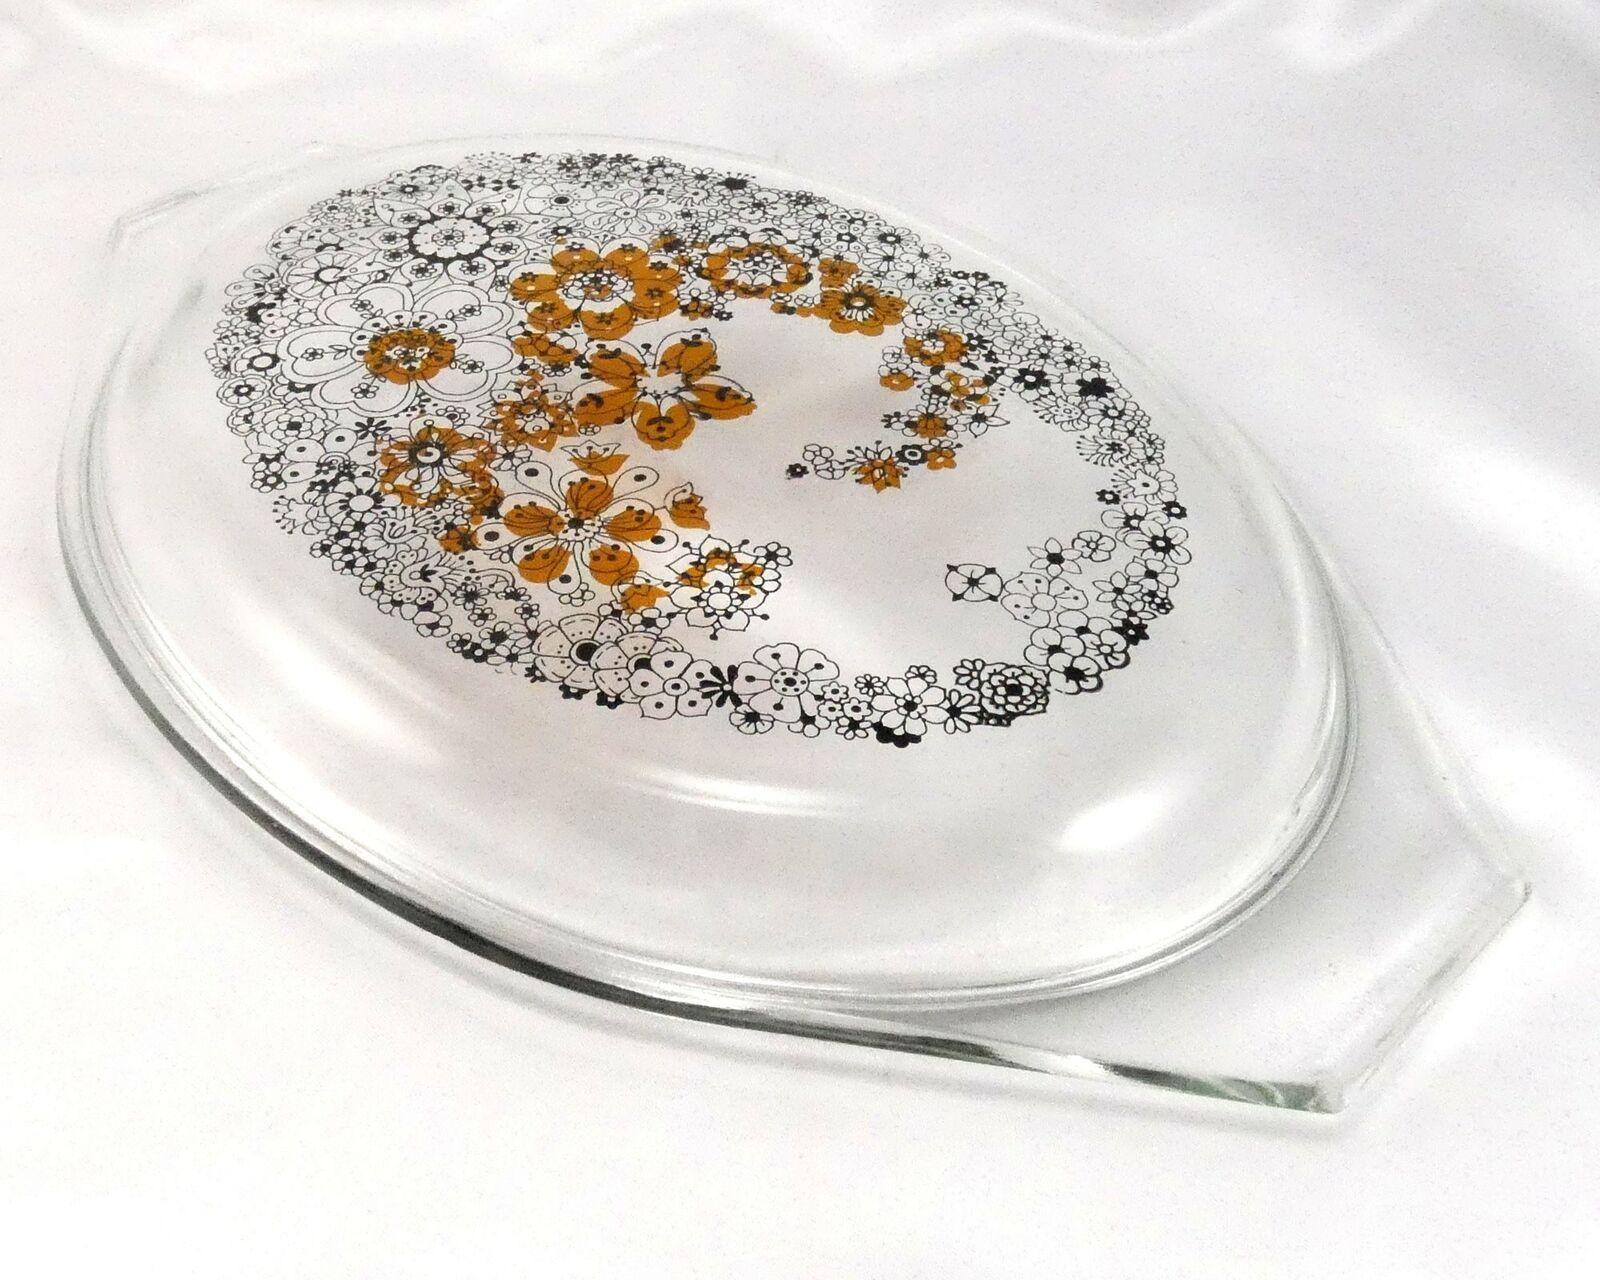 Pyrex Floral Bubbles 945C Lid 3D Effect Vintage 1970 Clear Glass ~ LID ONLY image 3